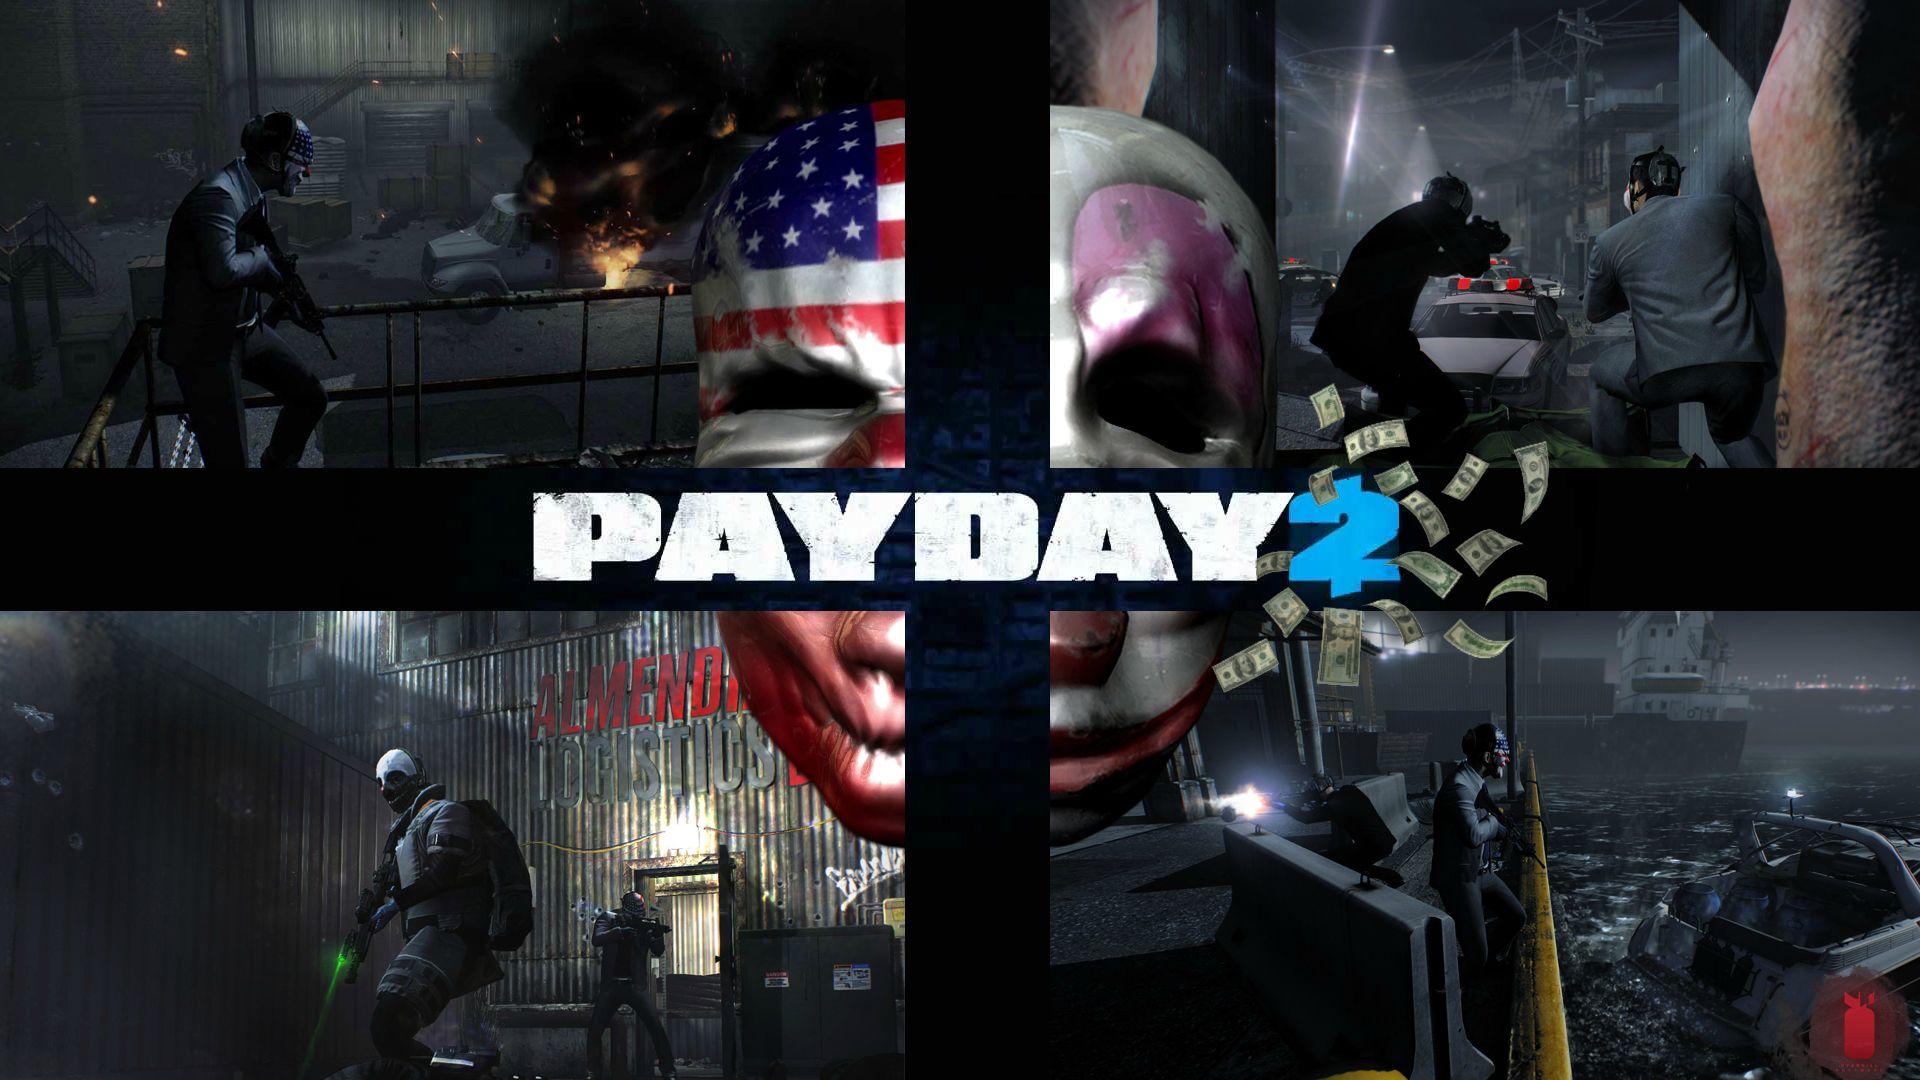 Payday 2 - Payday 2 арт, деньги, Клоун, Маска, пейдей